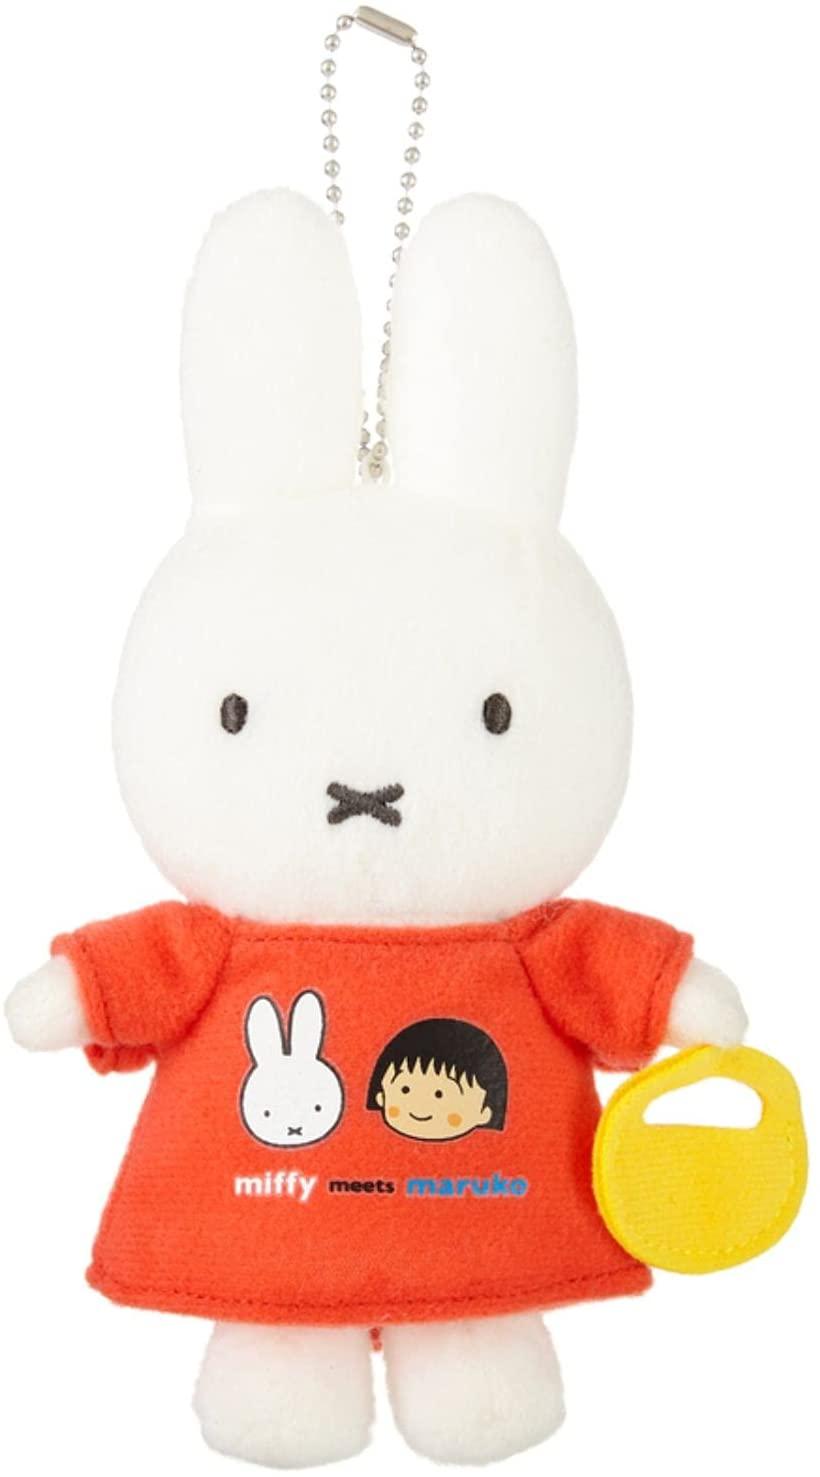 ぬいぐるみ・人形, ぬいぐるみ  maruko meets miffy H16W9.5D4.0cm